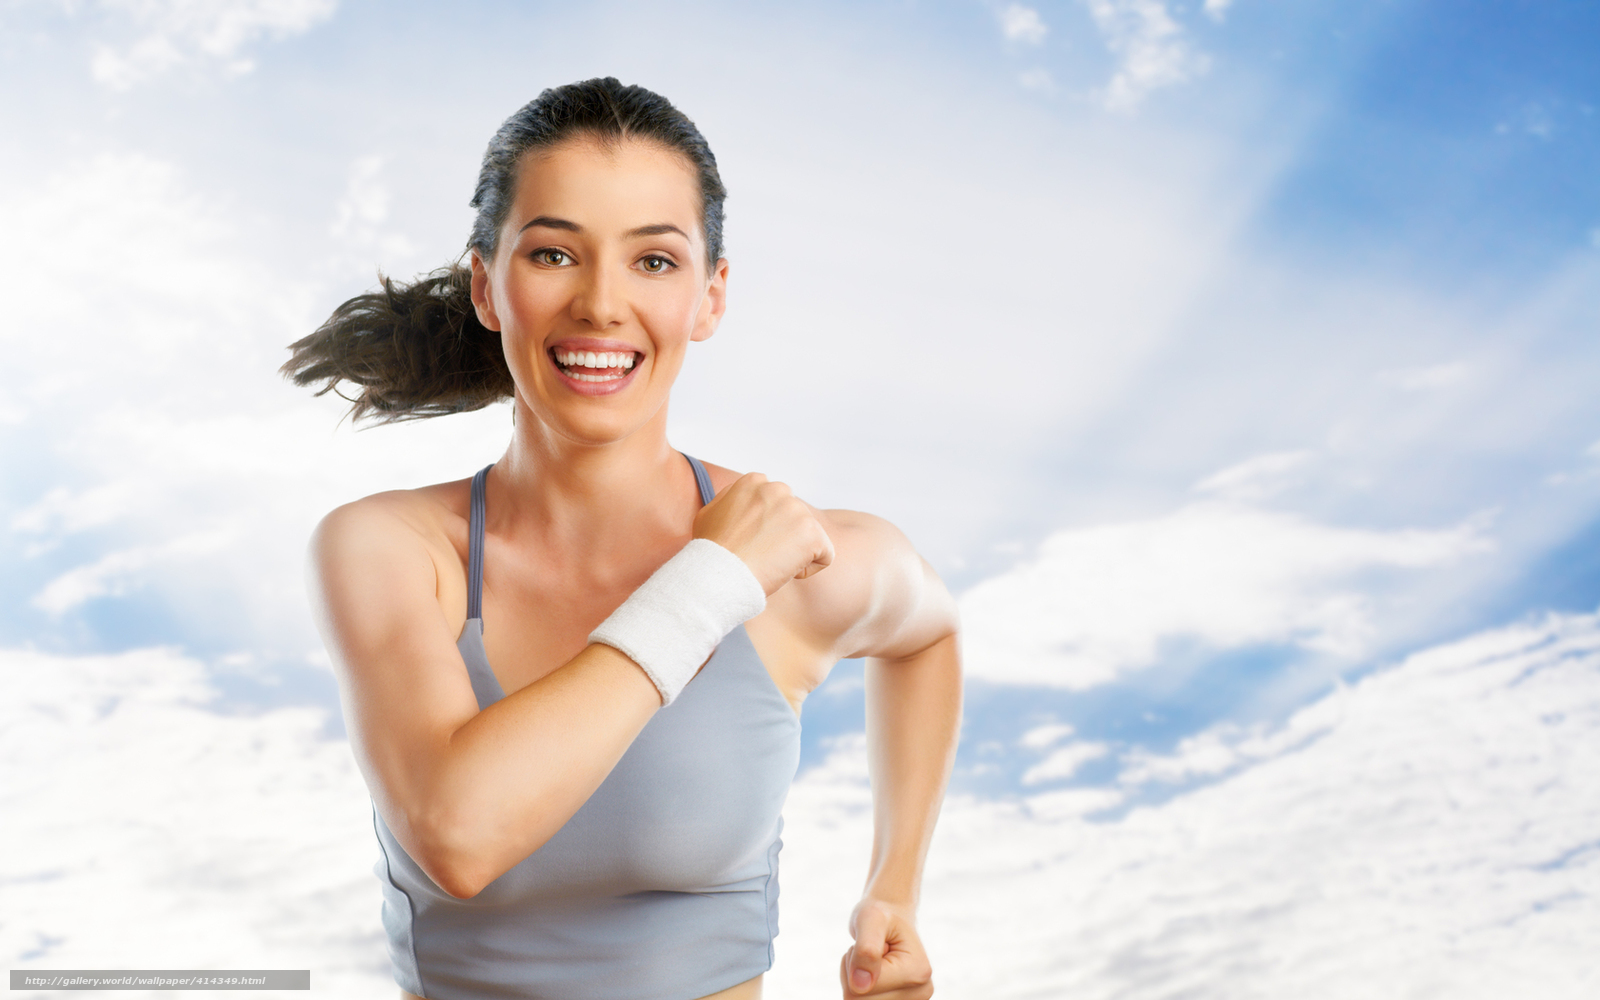 Як правельно займатися на біговій дорожці 12 фотография